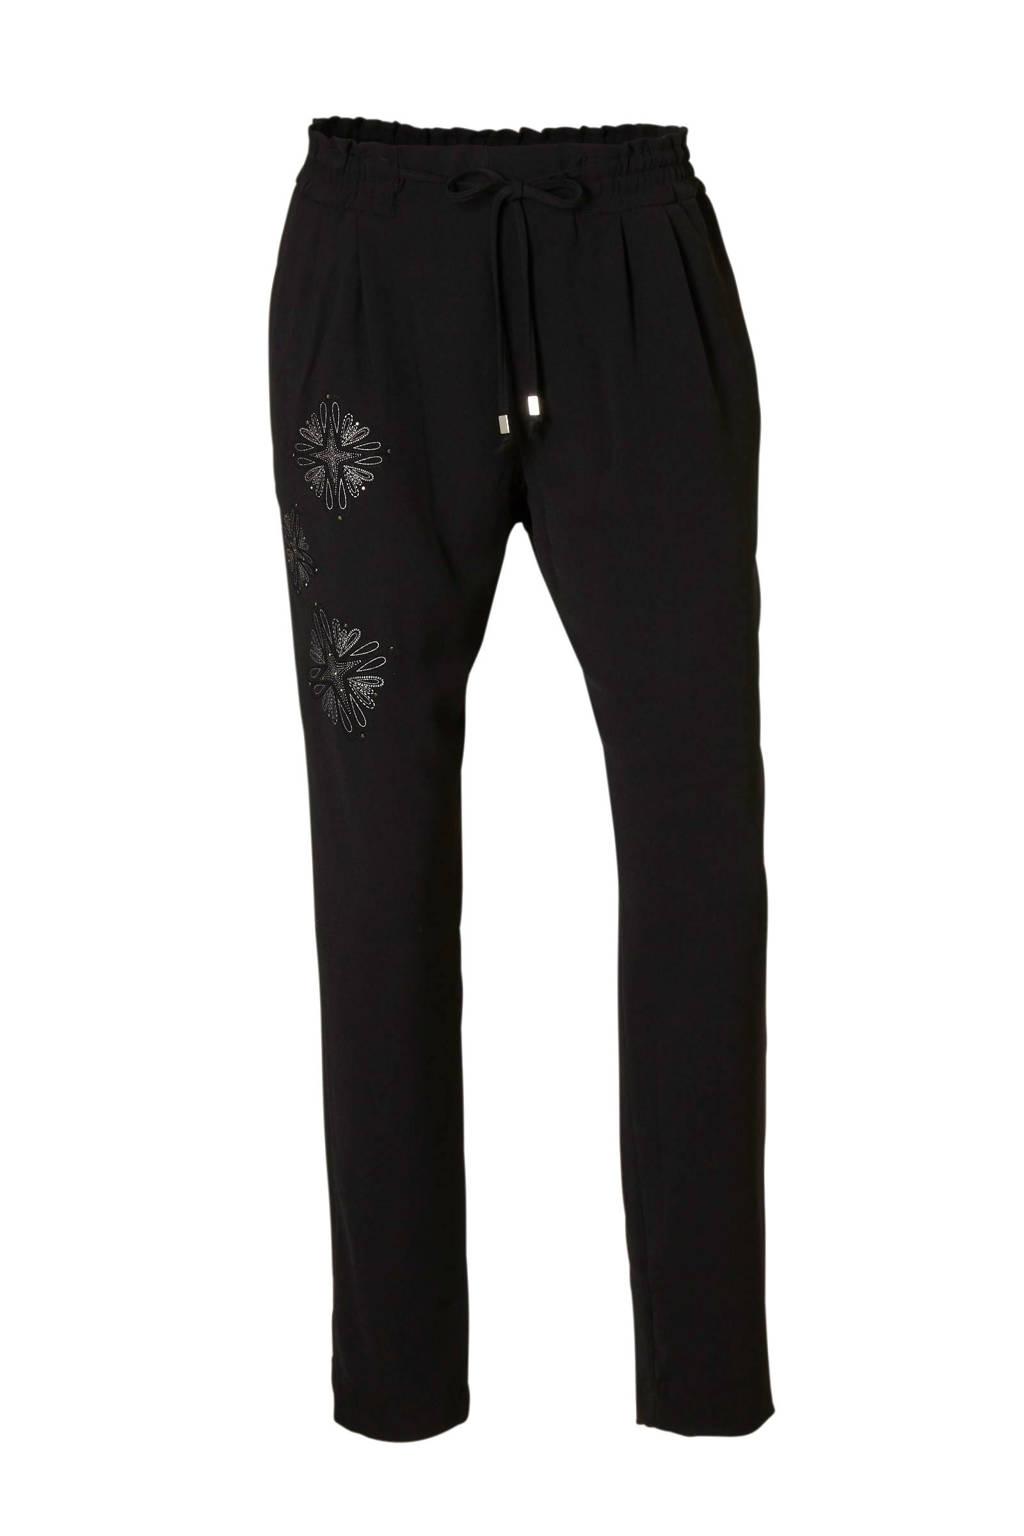 Desigual gebloemde slim fit broek zwart/ zilver